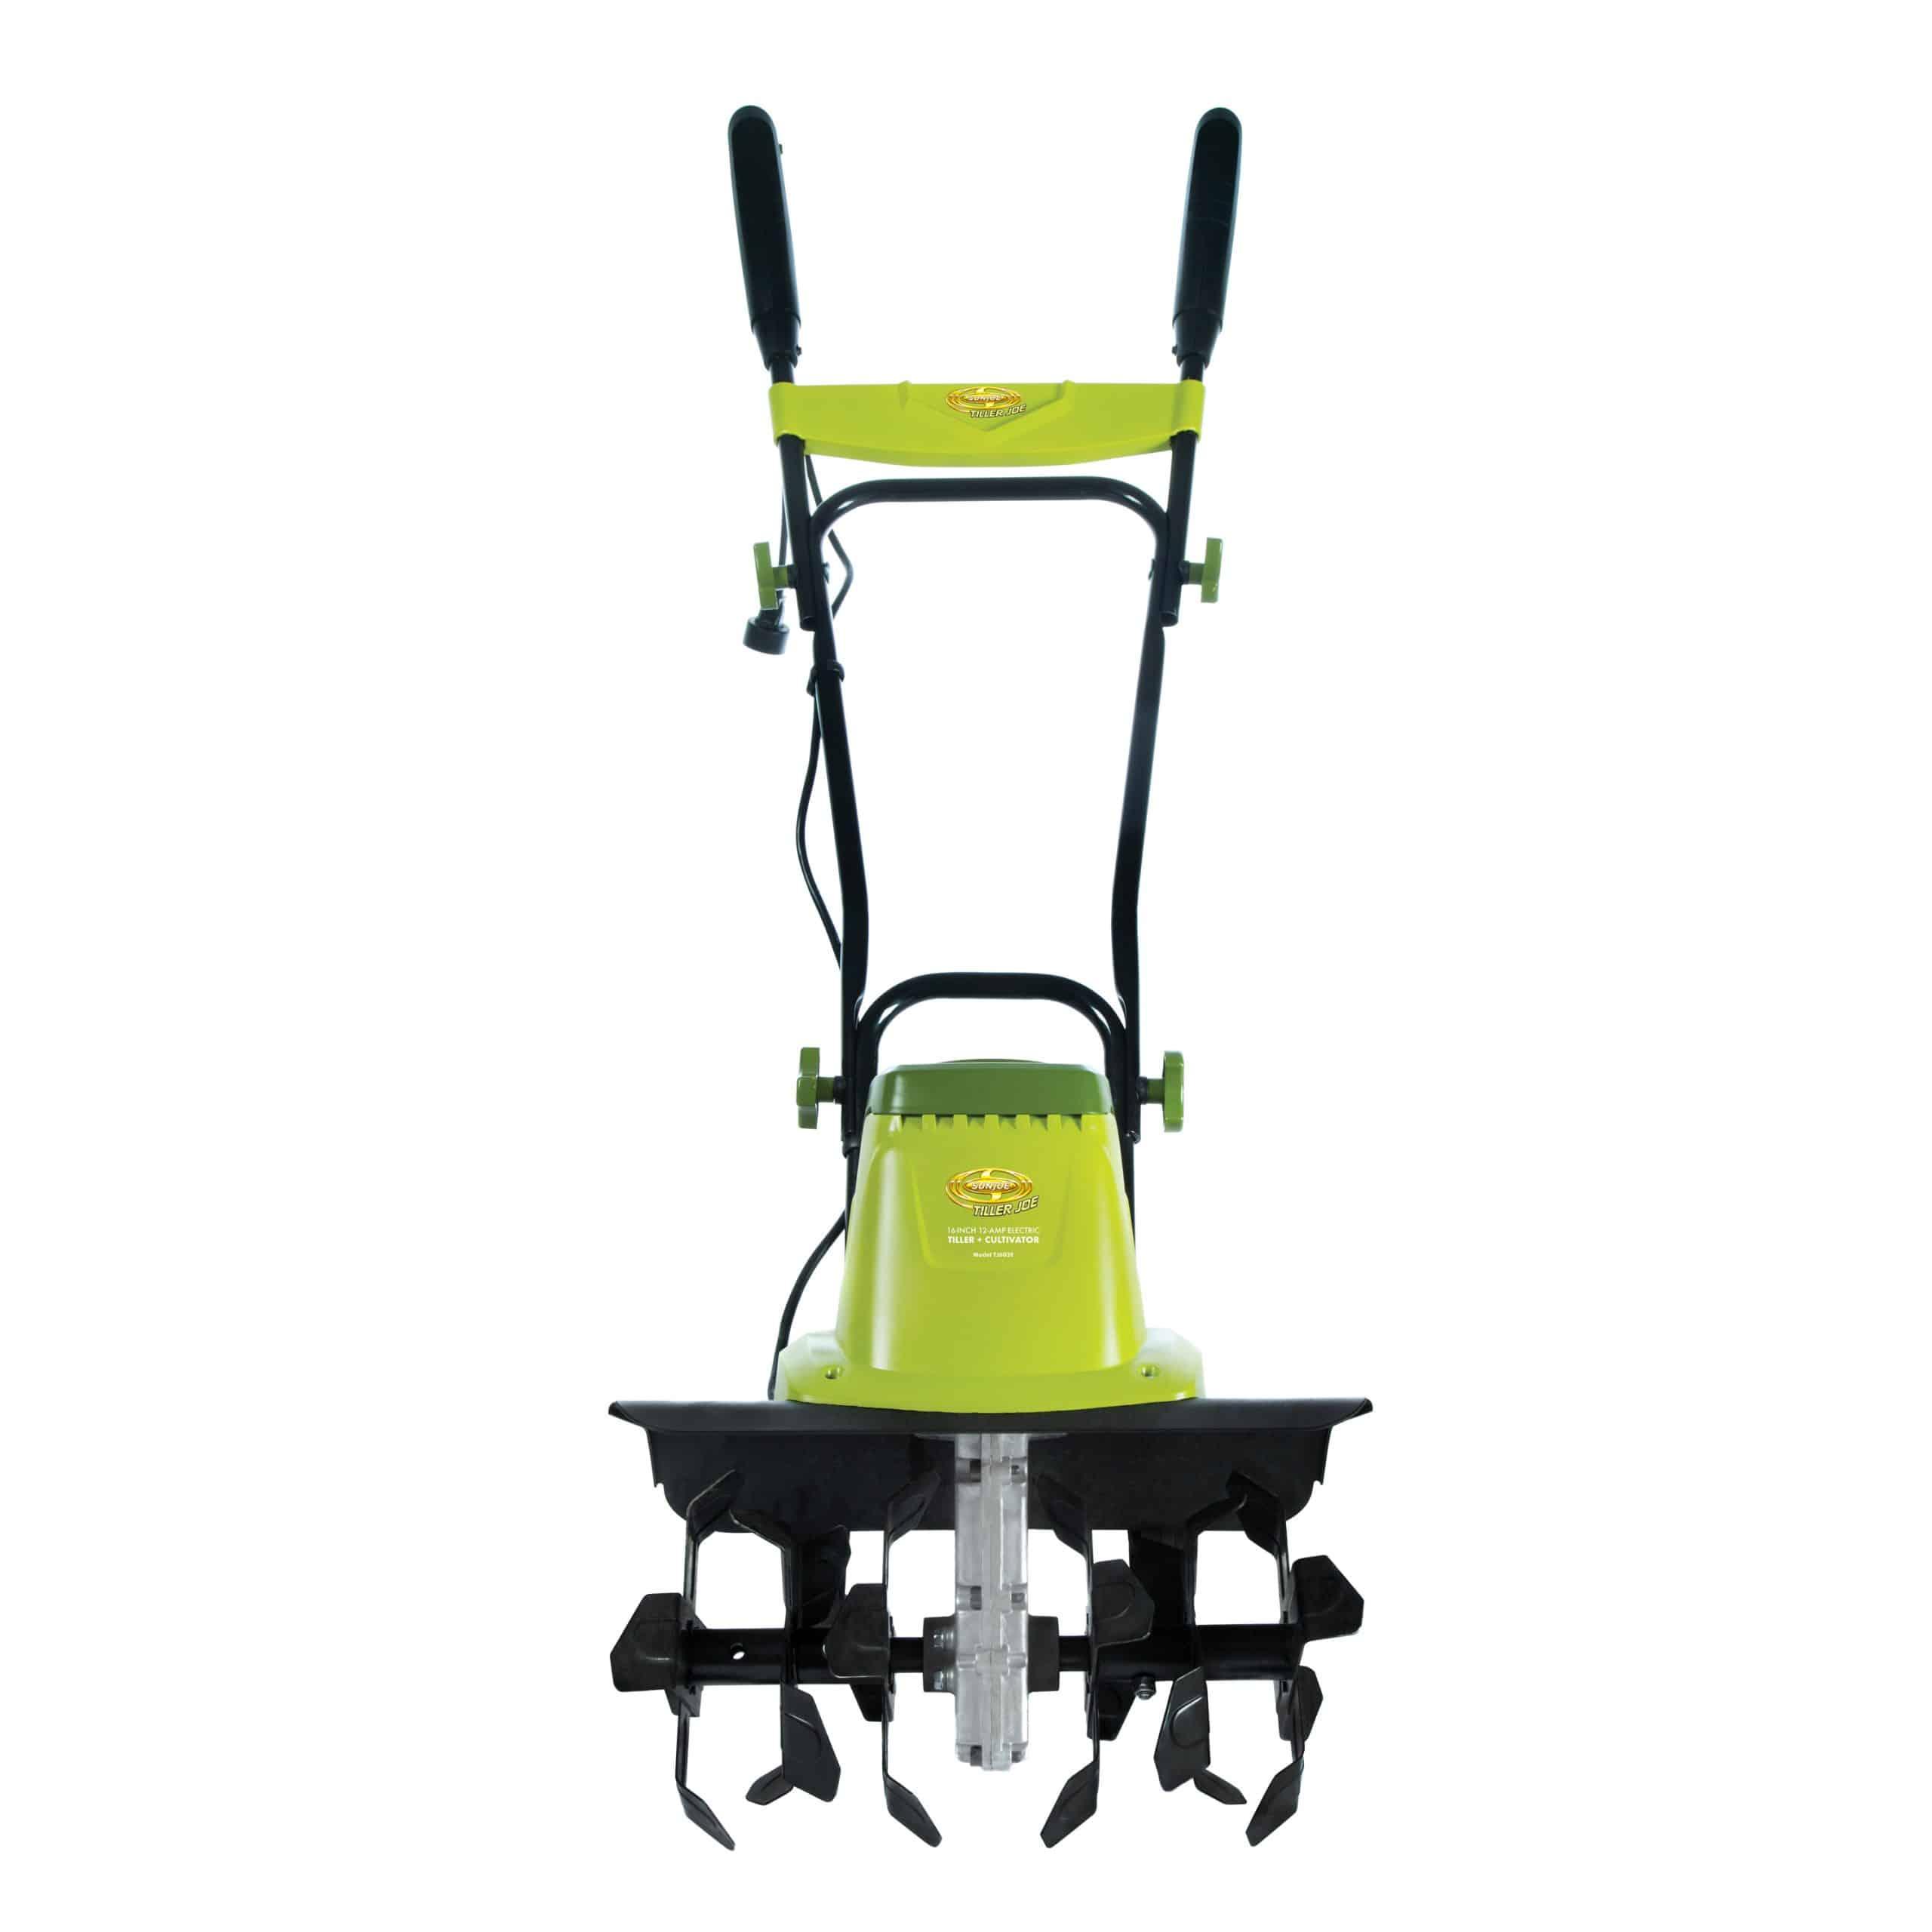 TJ603E Electric Garden Tiller/Cultivator